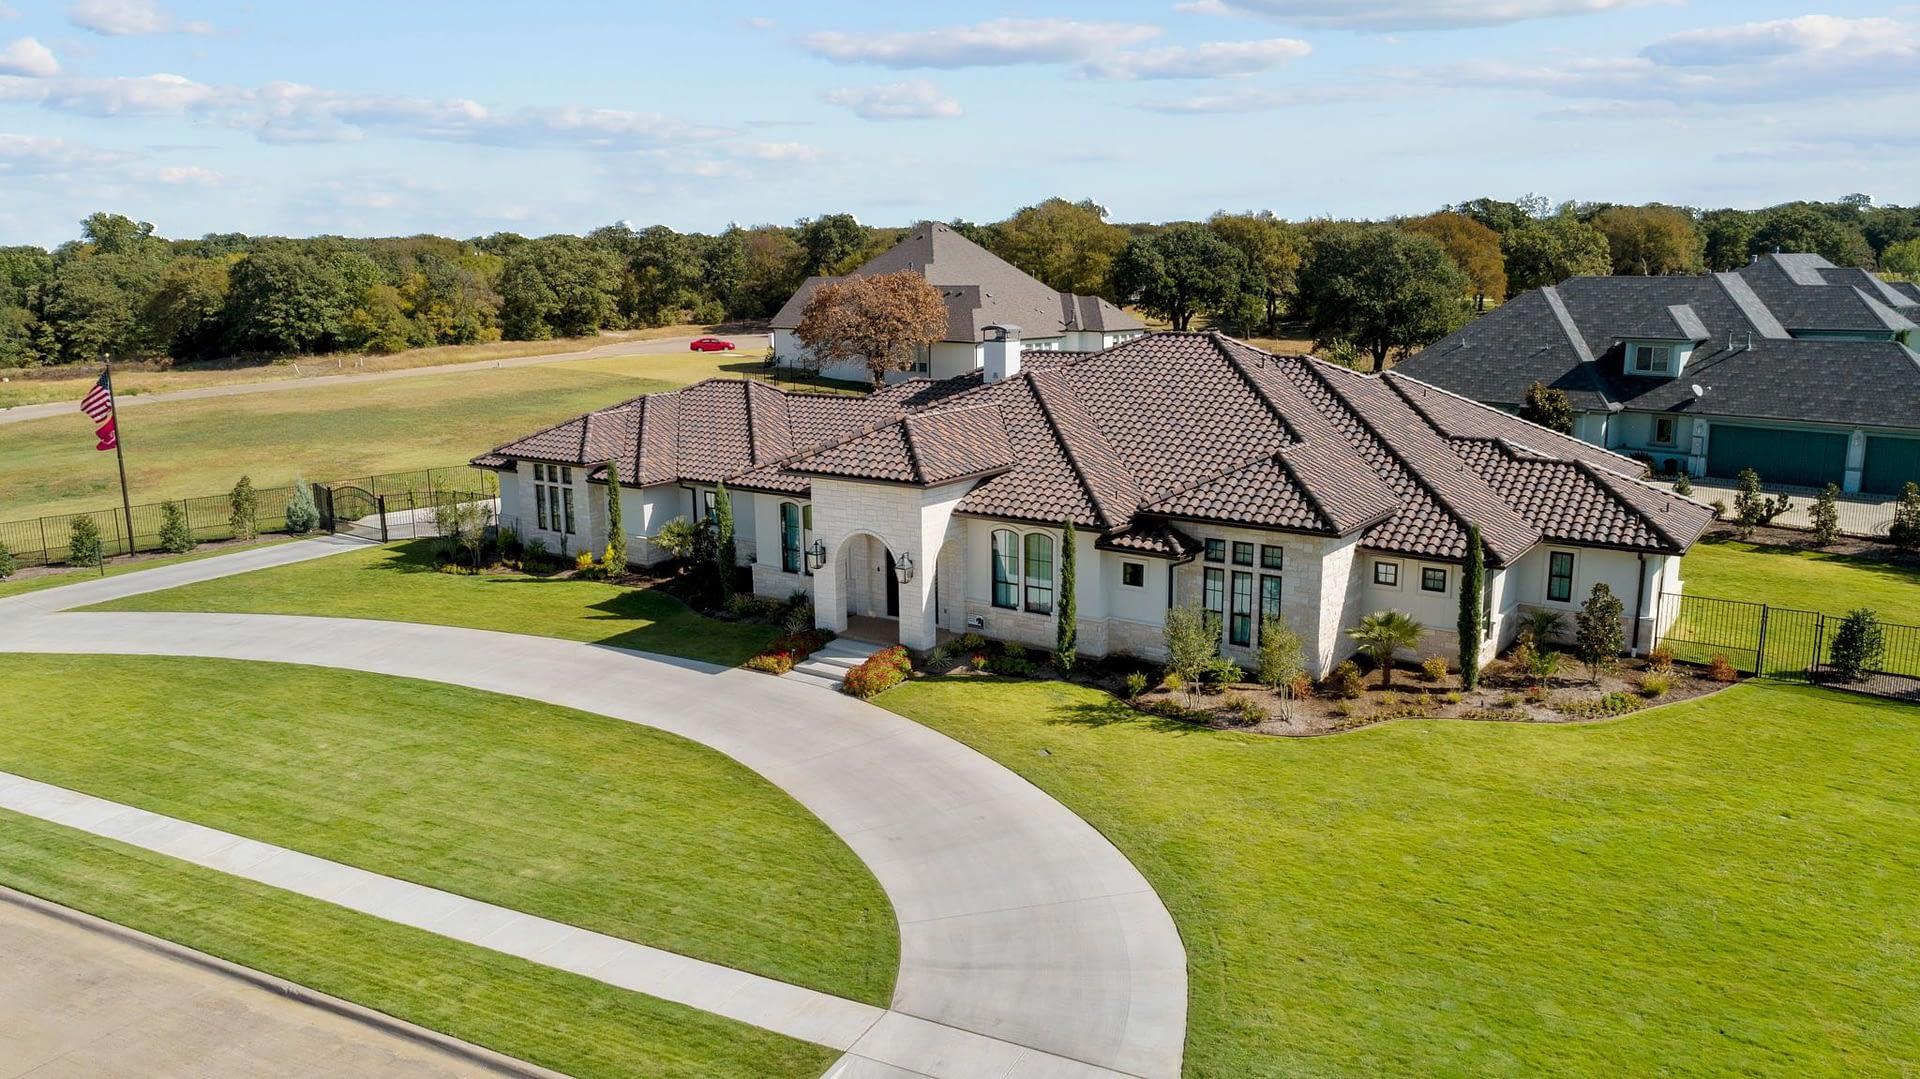 https://ml8umxs3iemf.i.optimole.com/h7Yz7ao-ABApxrLD/w:auto/h:auto/q:auto/https://seanknightcustomhomes.com/wp-content/uploads/2020/11/modern-farmhouse-aerial-fort-worth-texas-6.jpg